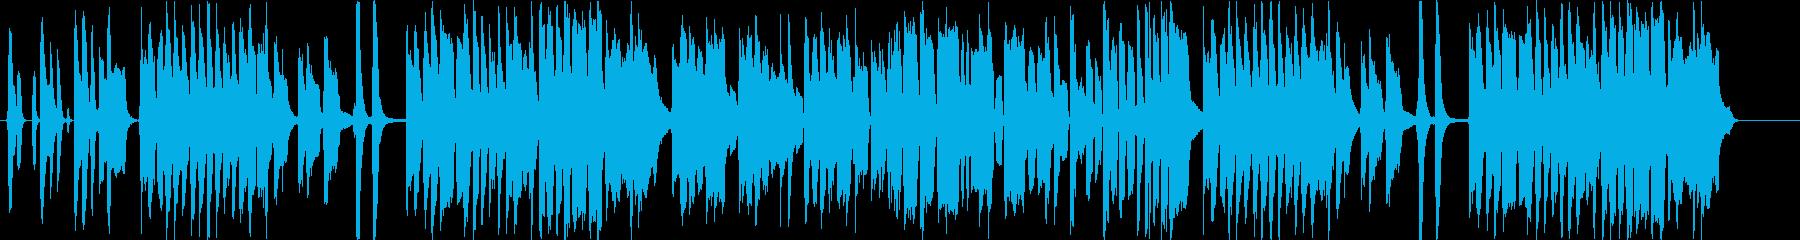 やさしくてほのぼのしたリコーダーの曲の再生済みの波形